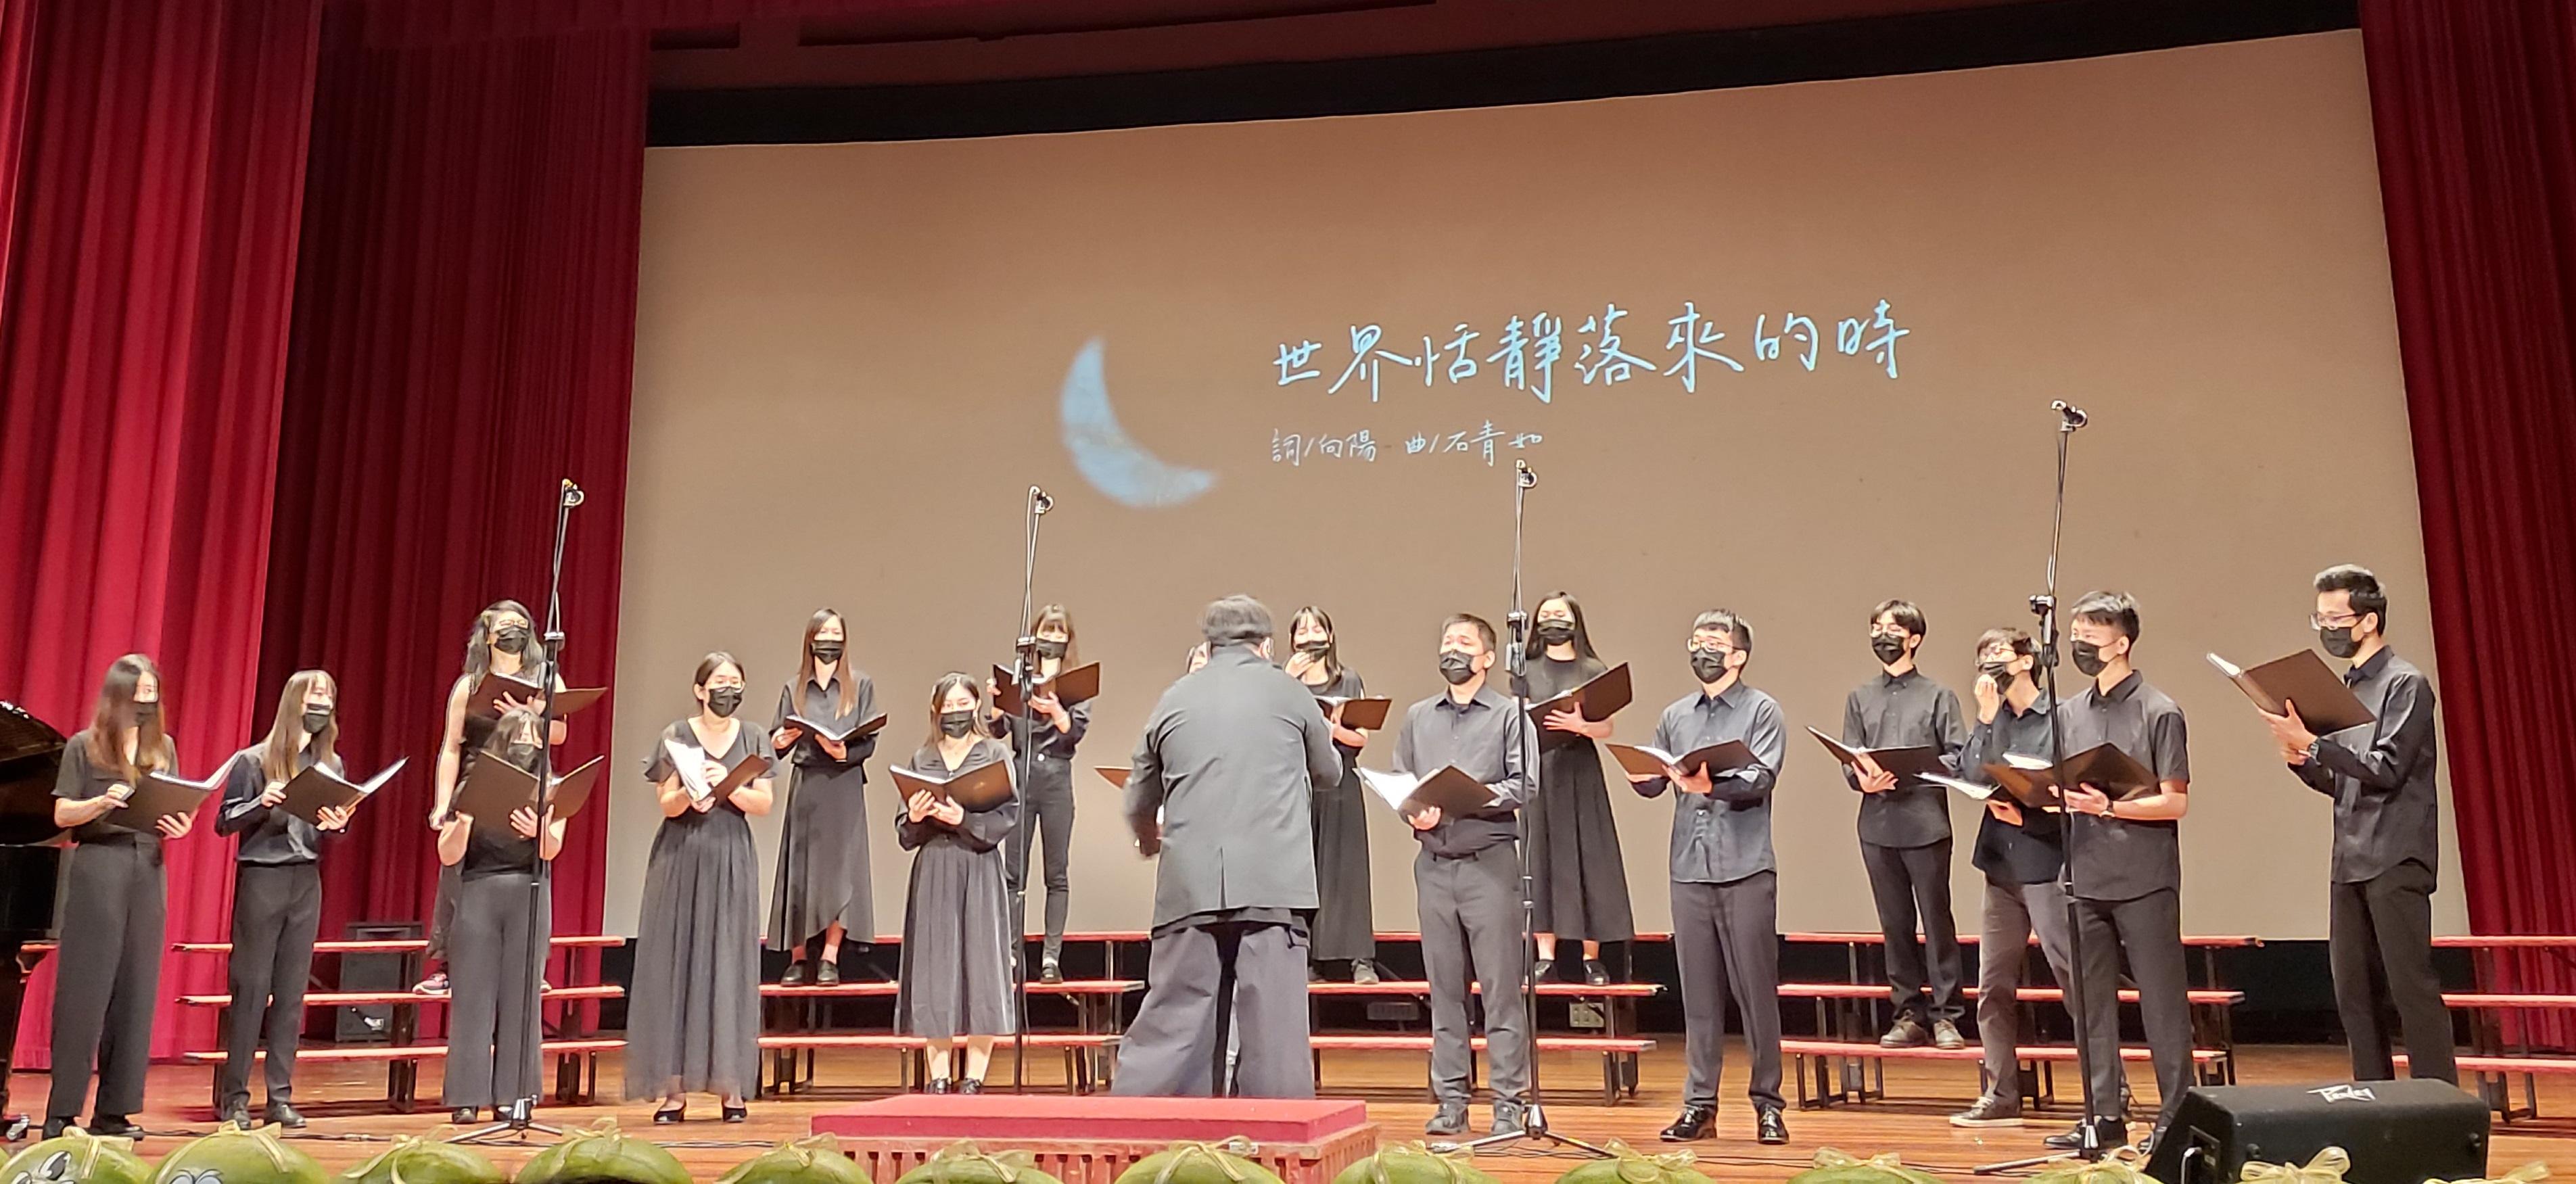 中原學生合唱團應邀上台為第60屆母親節合唱比賽獻詩。.jpg